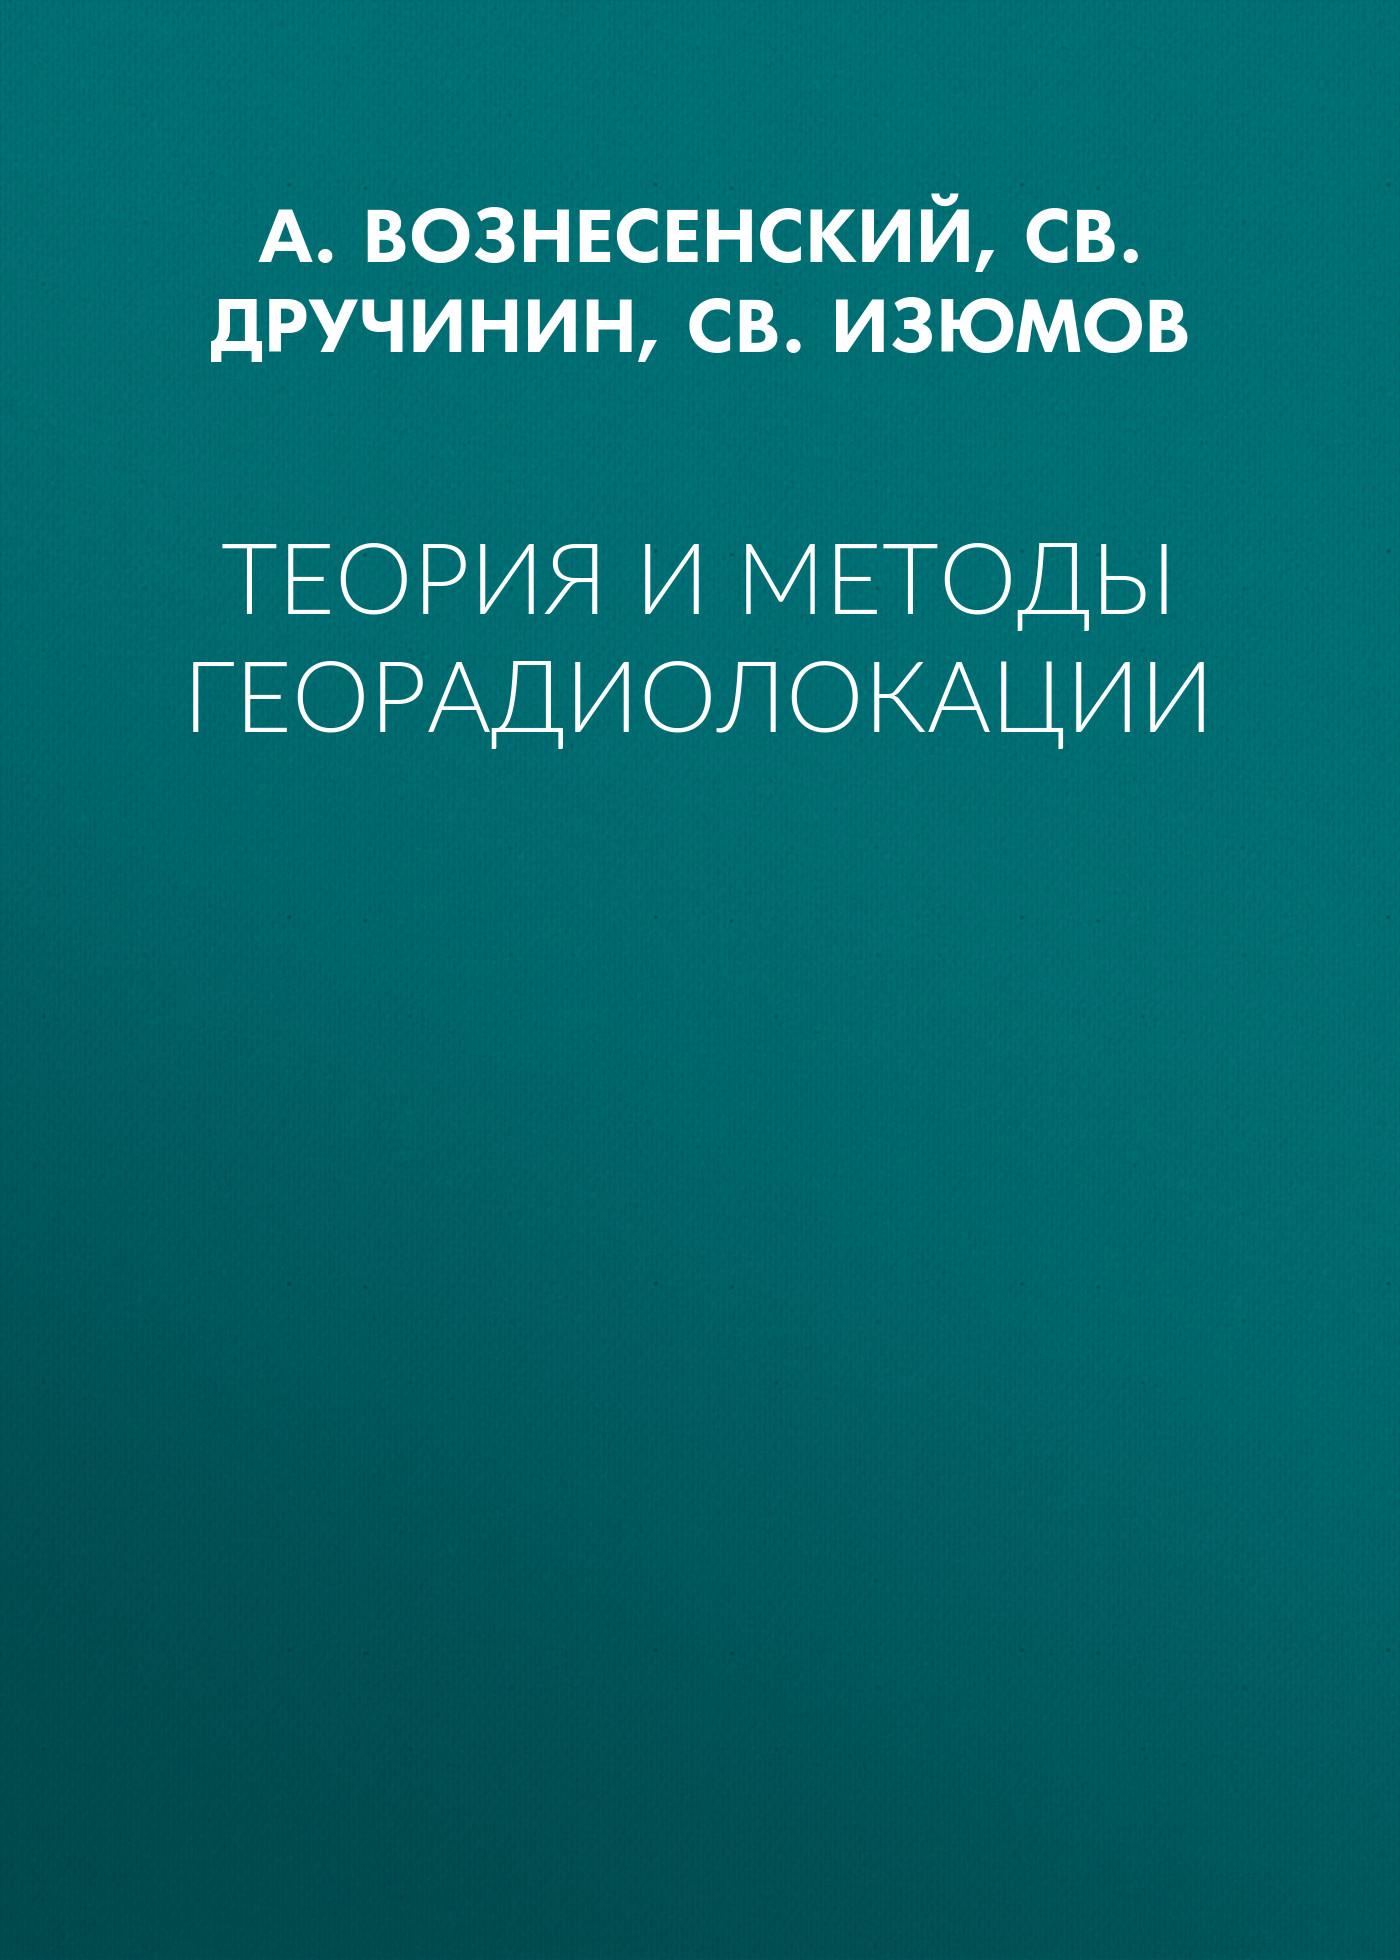 СВ. Изюмов Теория и методы георадиолокации